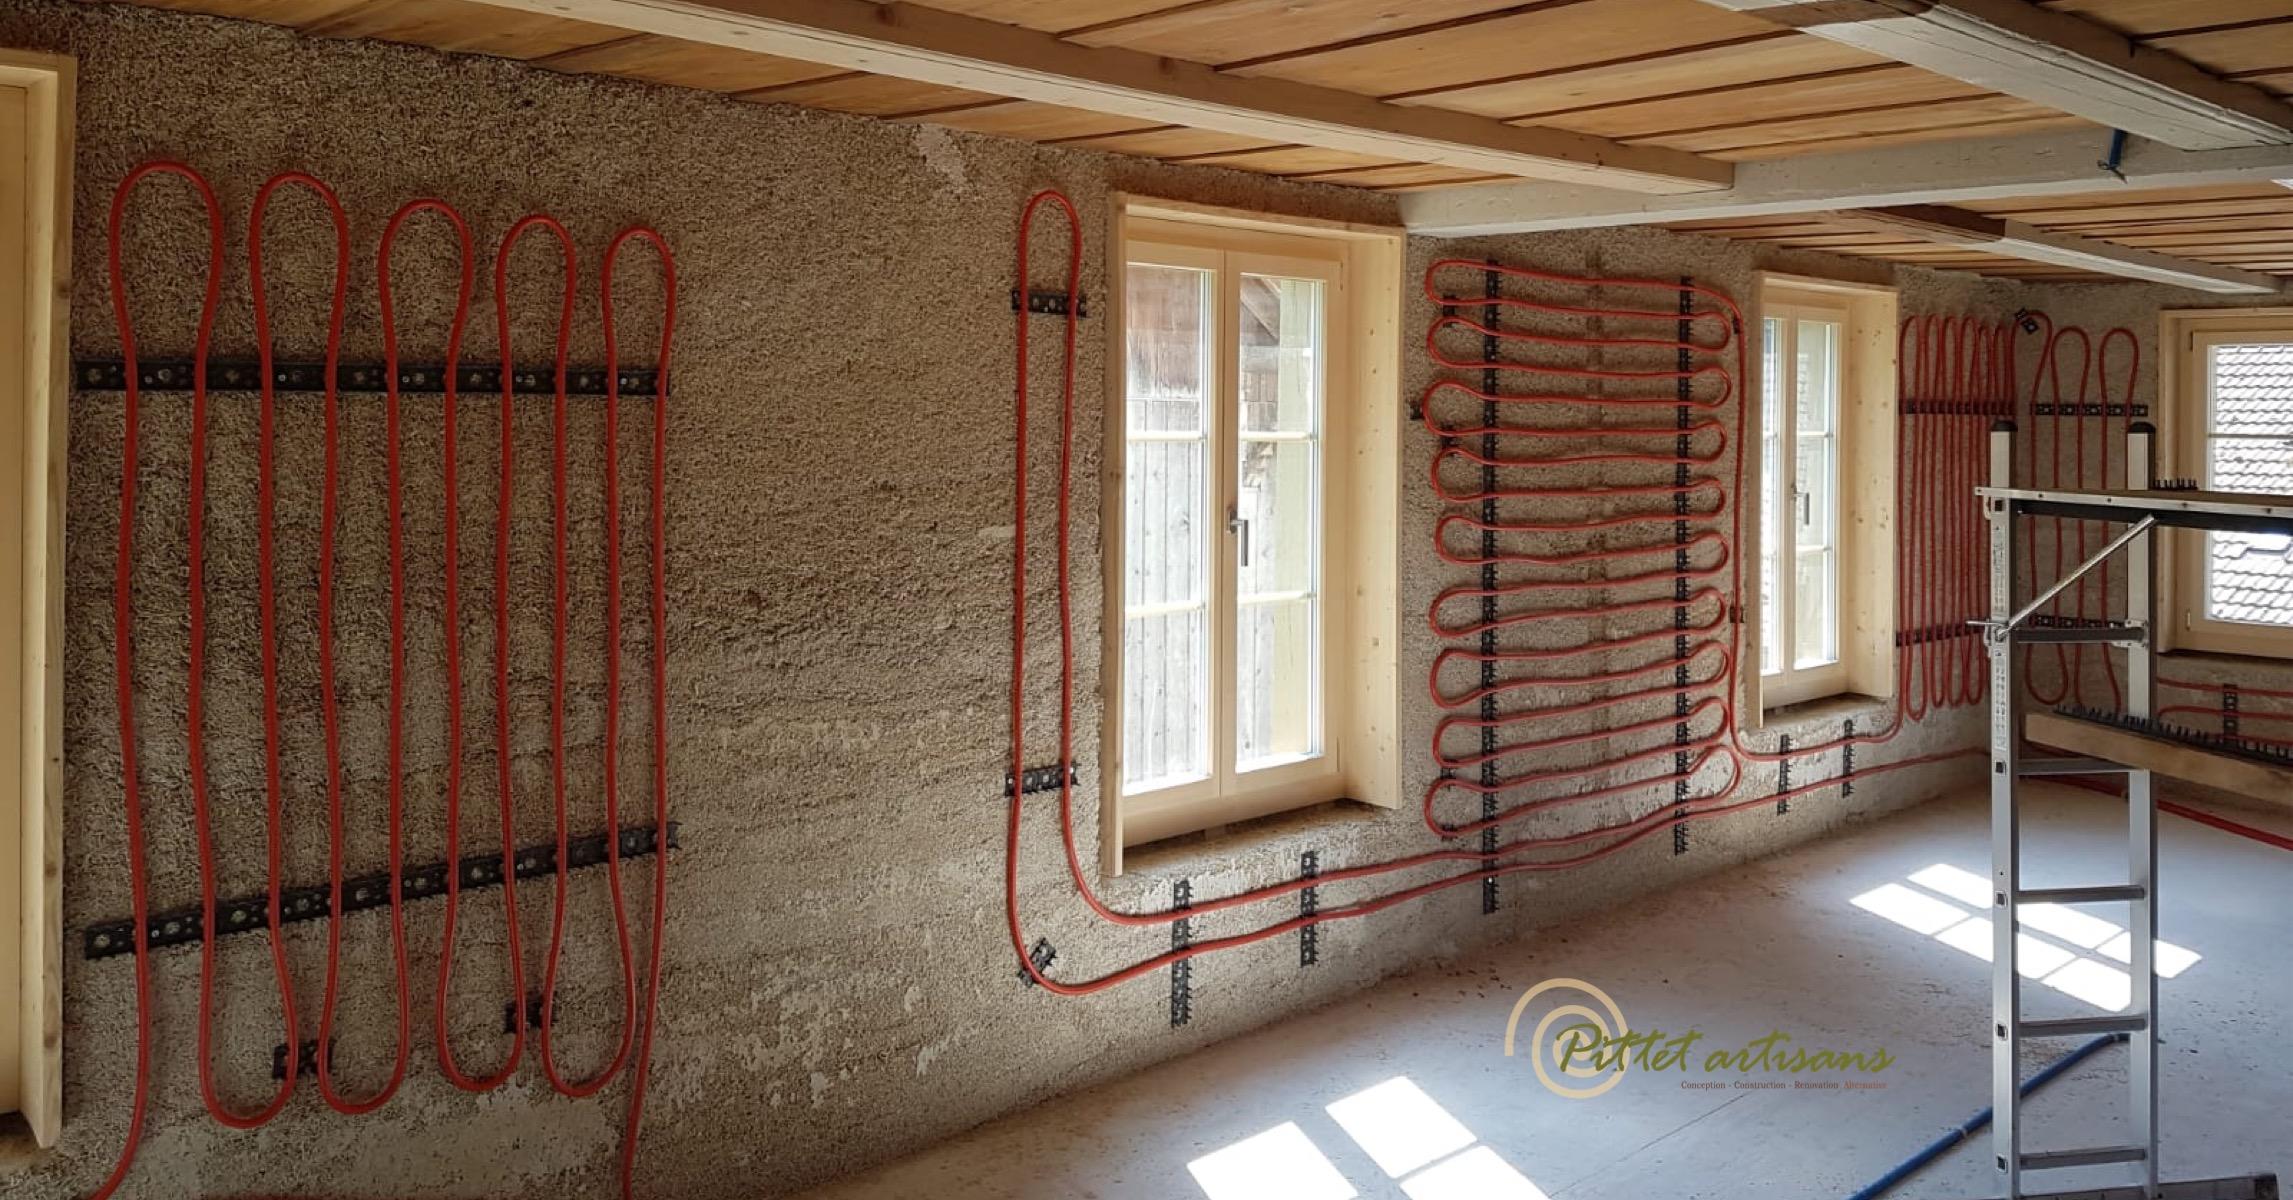 Murs chauffants sur doublages en béton de chanvre